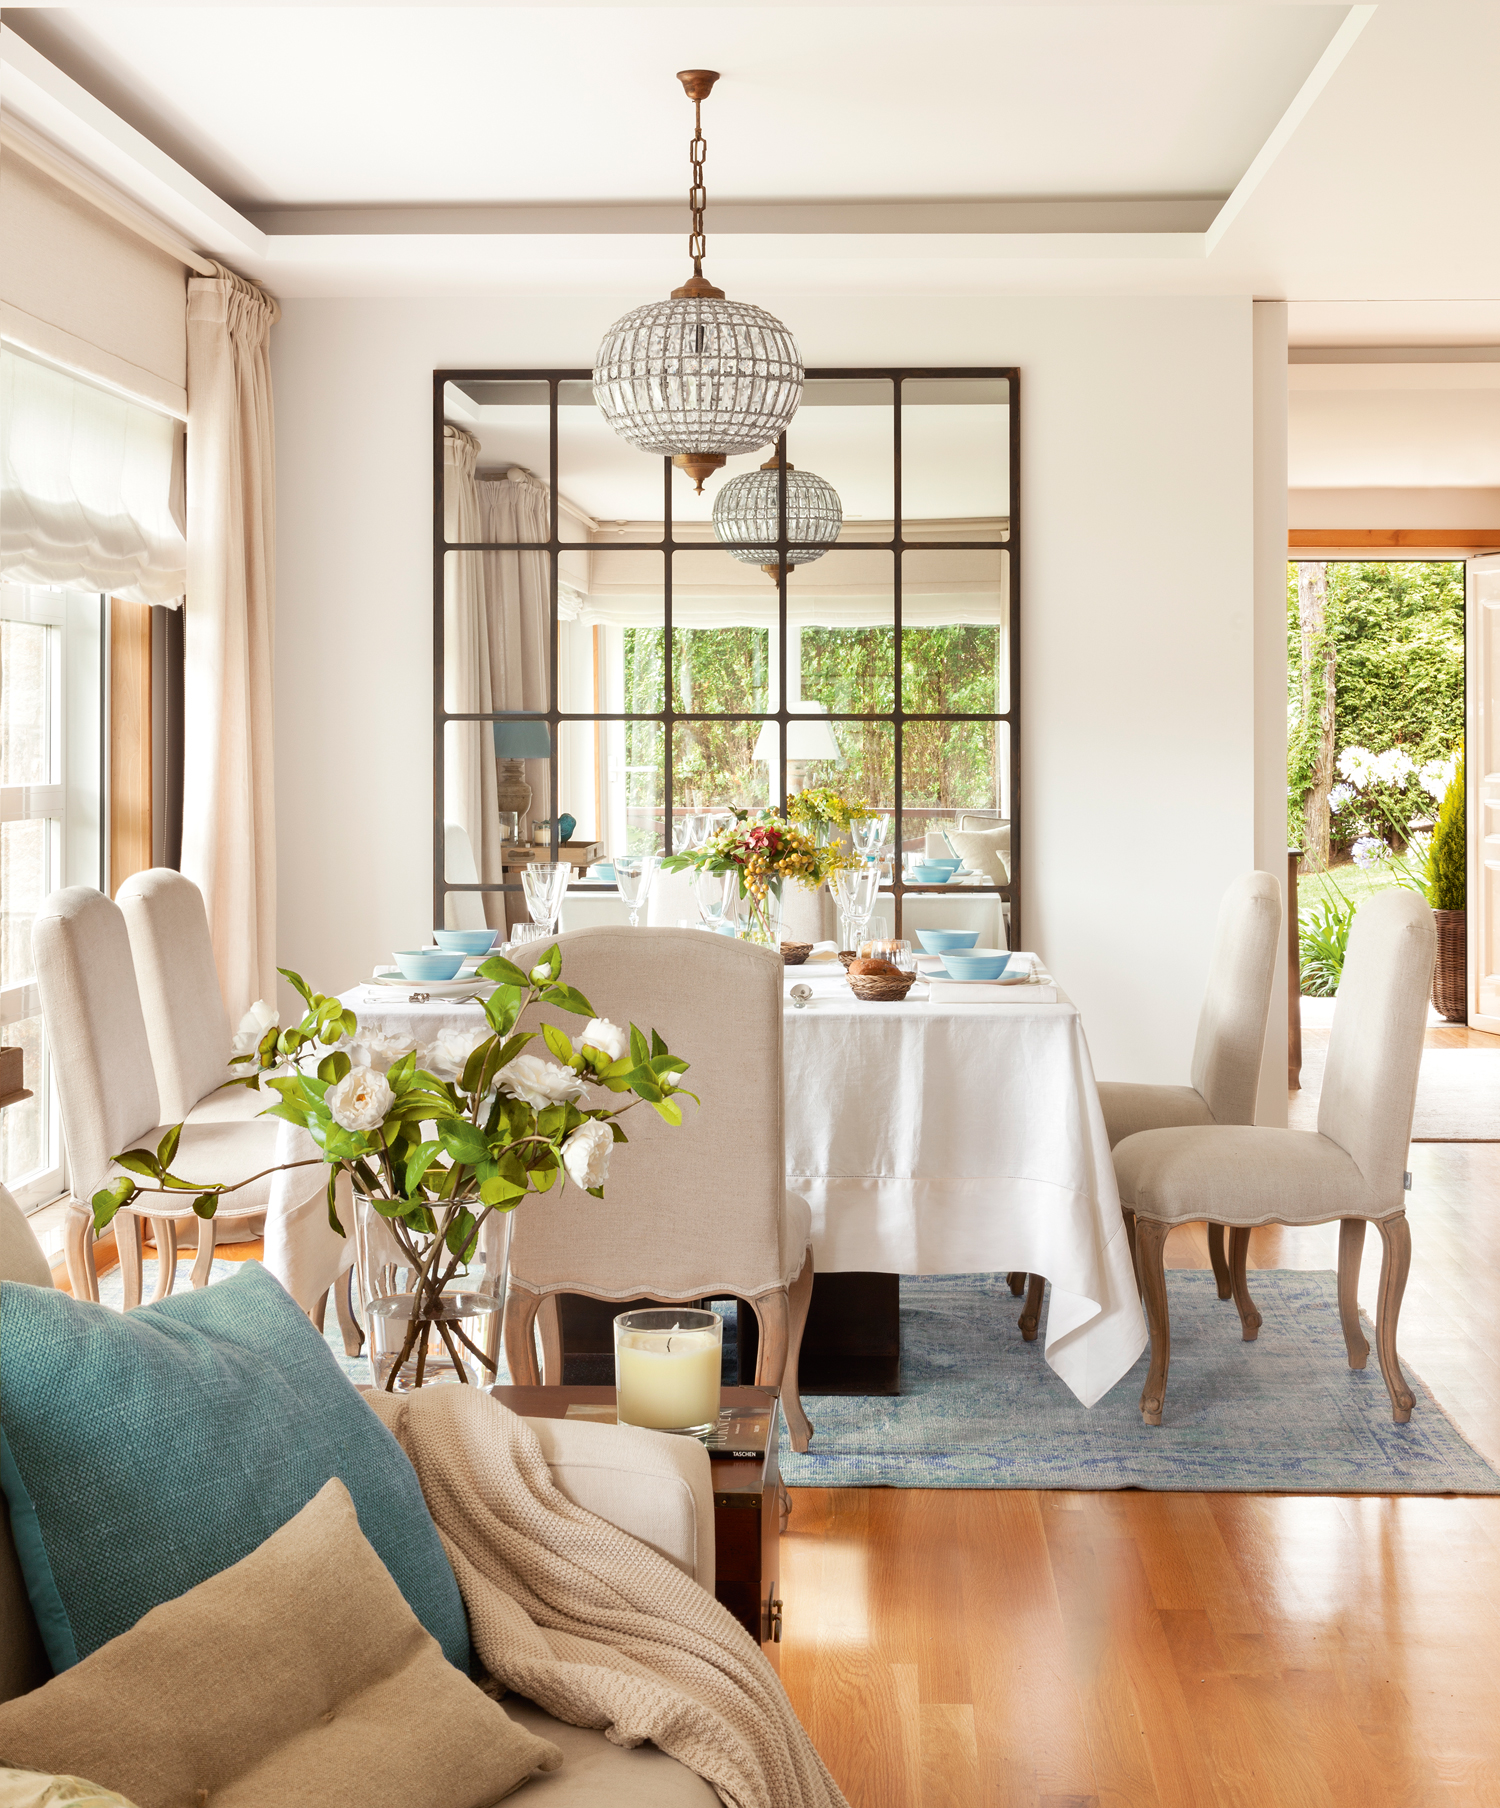 10 00410977. Office con una alfombra azul y un gran espejo dividido en cuadros en la pared_10 00410977